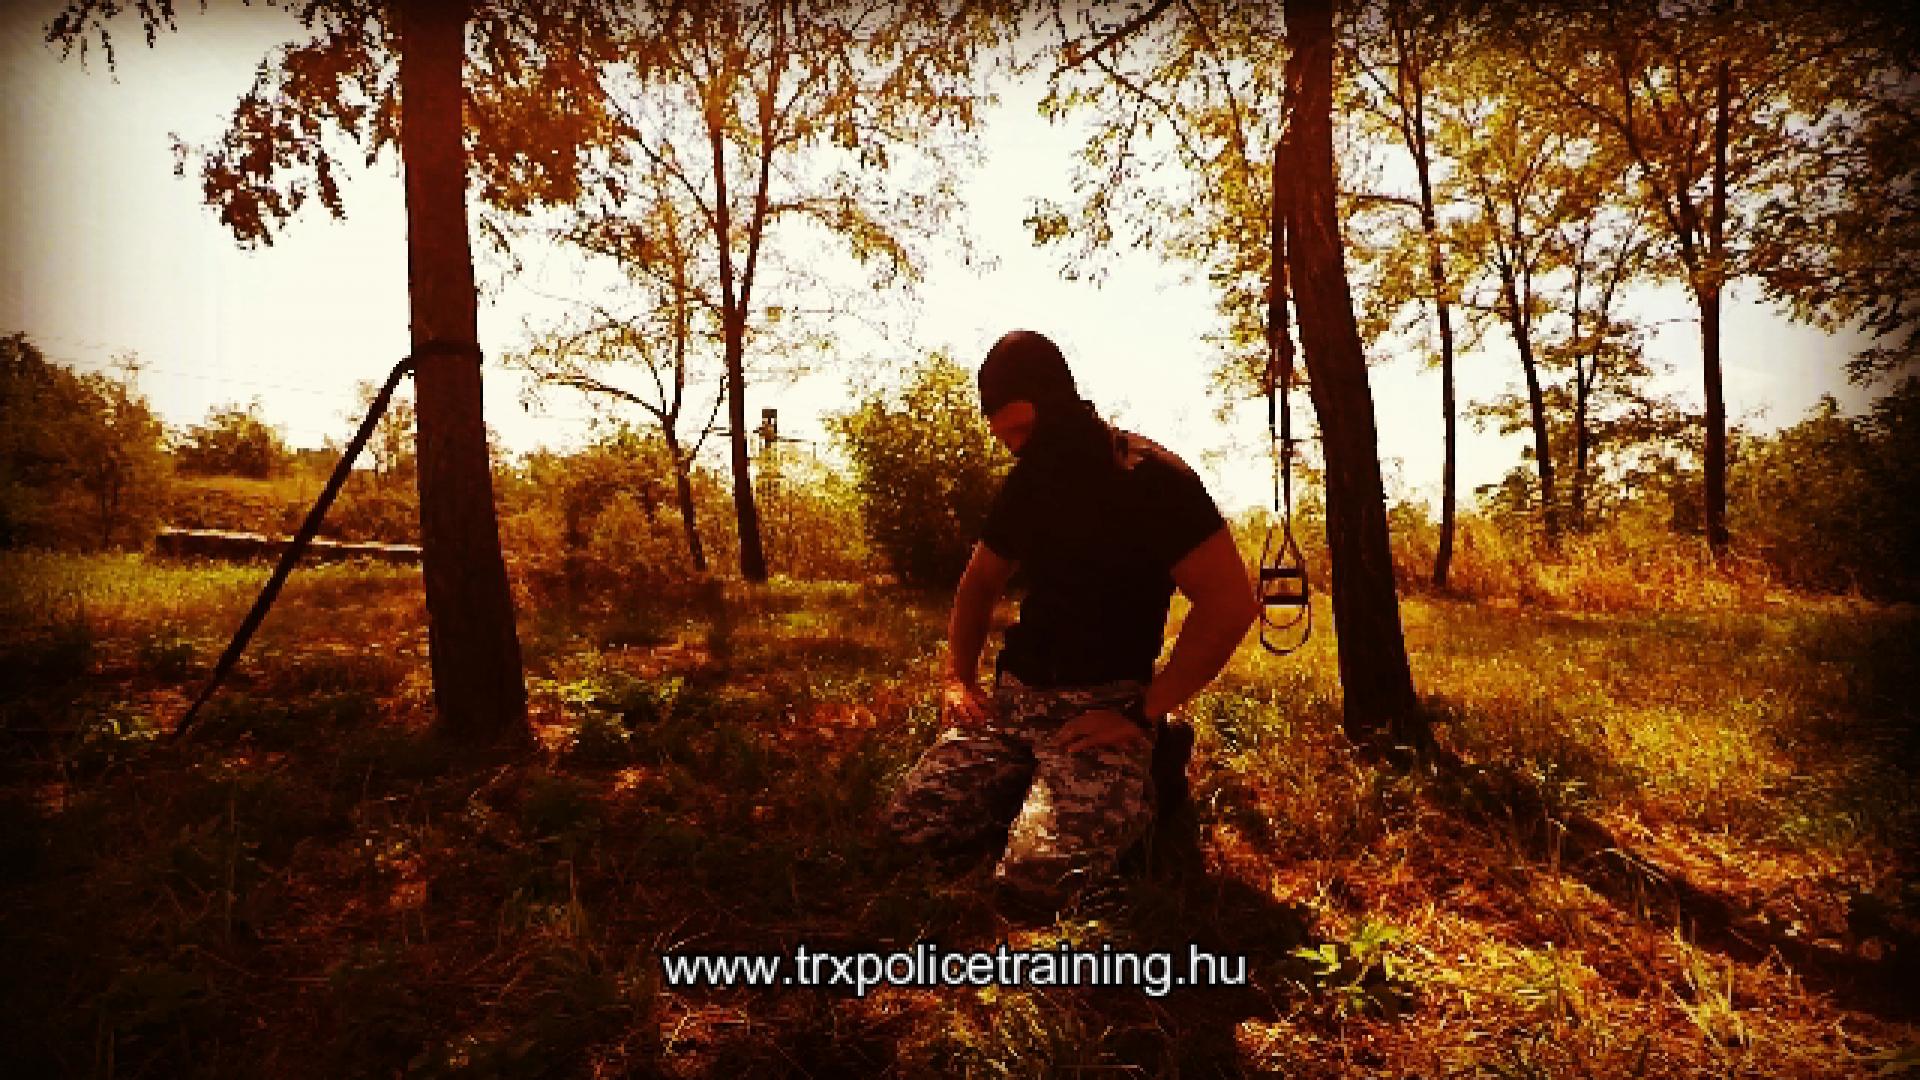 TRX POLICE TRAINING - EXTREME TRAINING